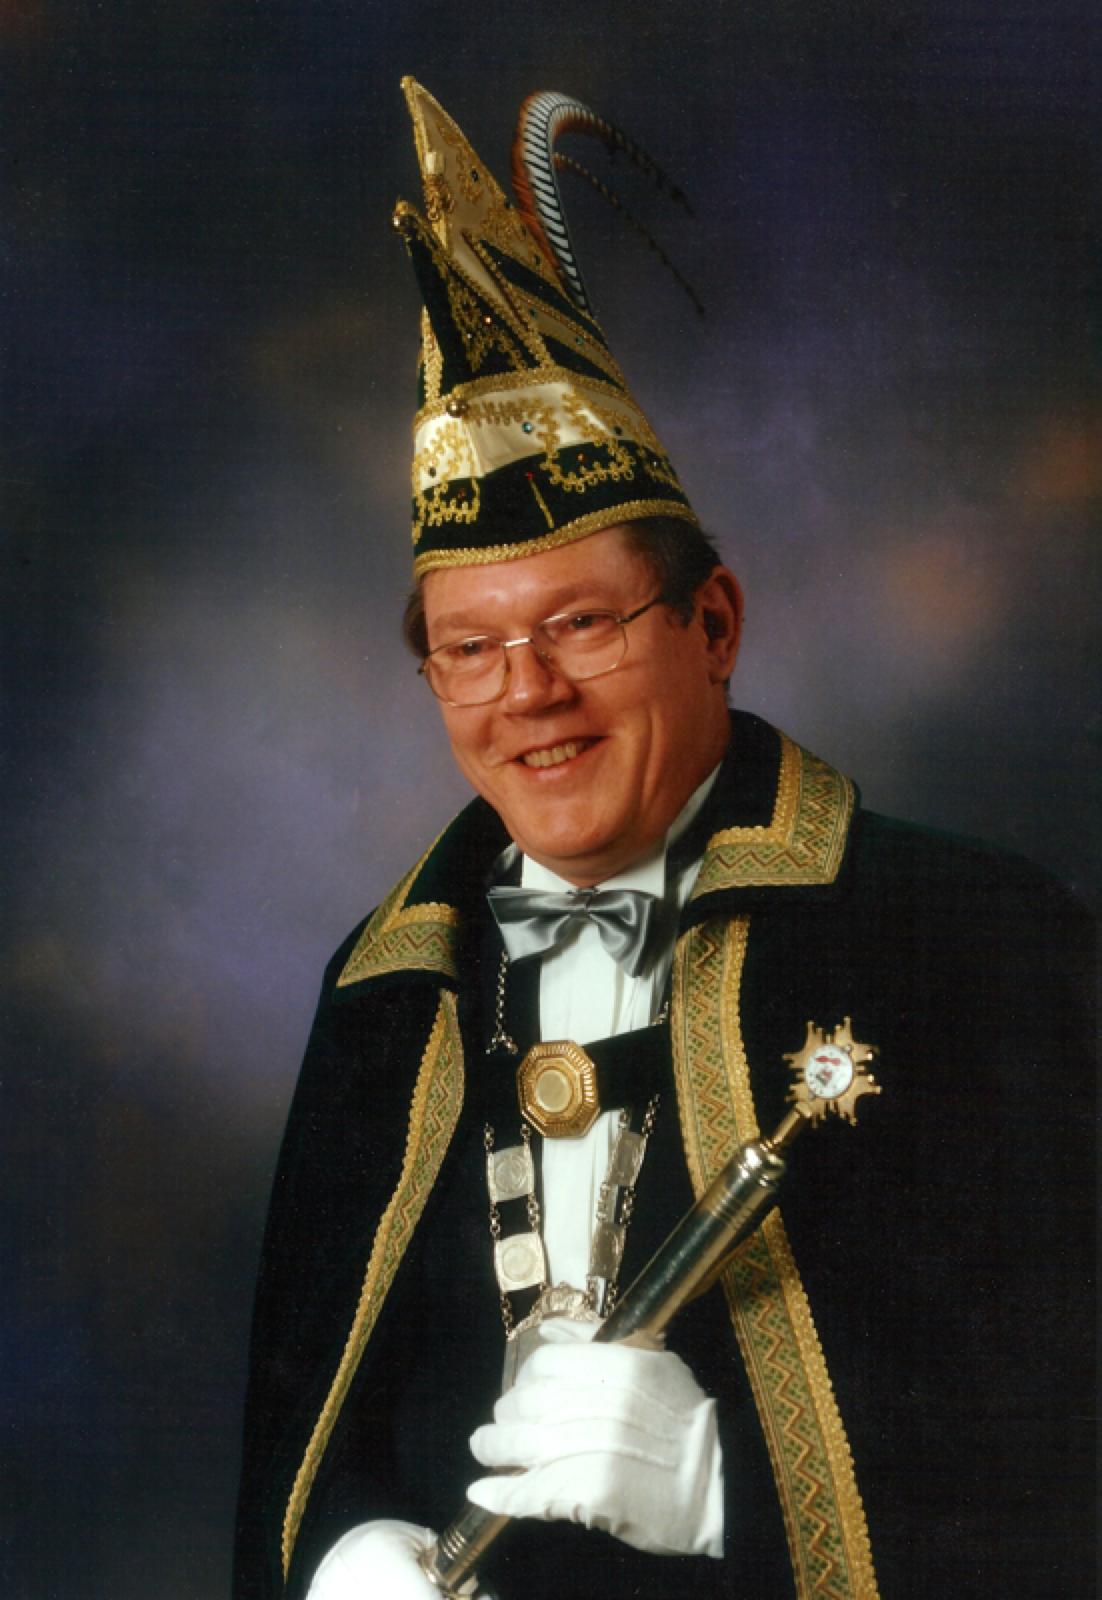 16. Erik I Martens Seizoen 1998